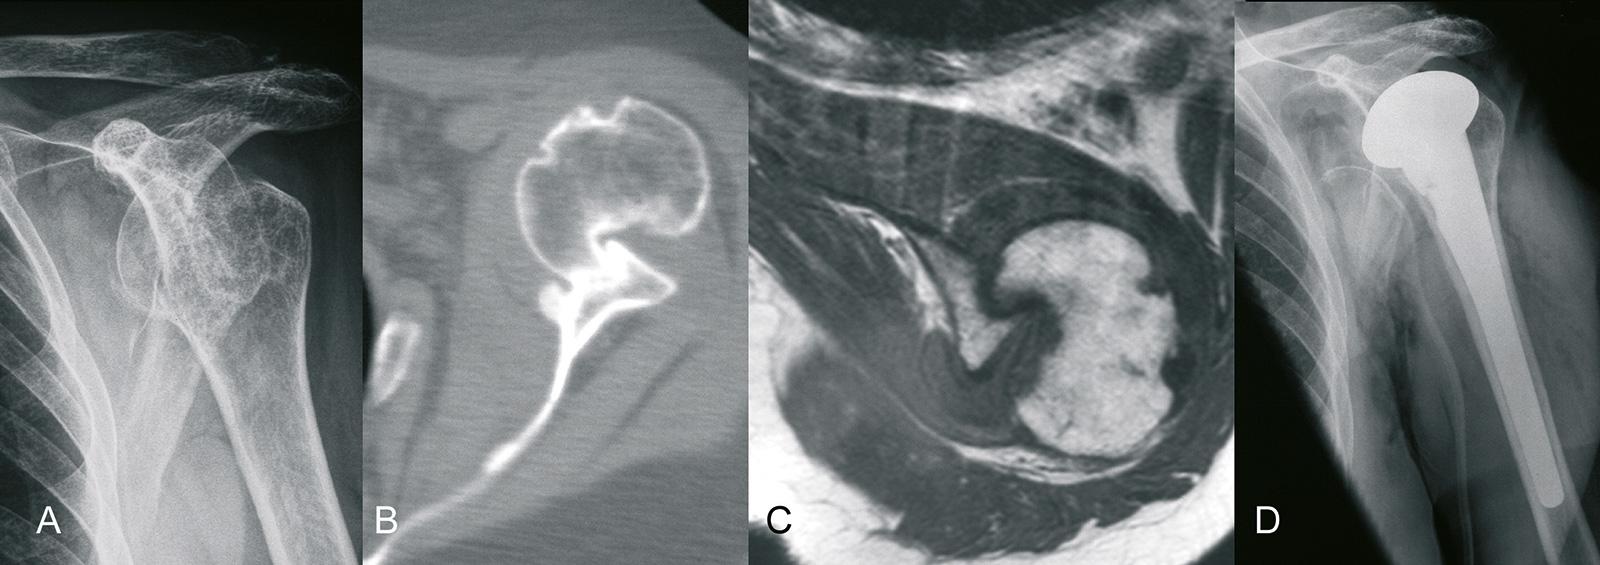 Abb. 2-36: Chronische verhakte vordere Schulterluxation: natives Röntgenbild (A), ausgedehnte Hill Sachs Delle in der CT- und MRT-Bildgebung (B,C), nach Implantation einer Prothese (D) (Eigentum des Instituts für Klinische Radiologie der Universität Münst